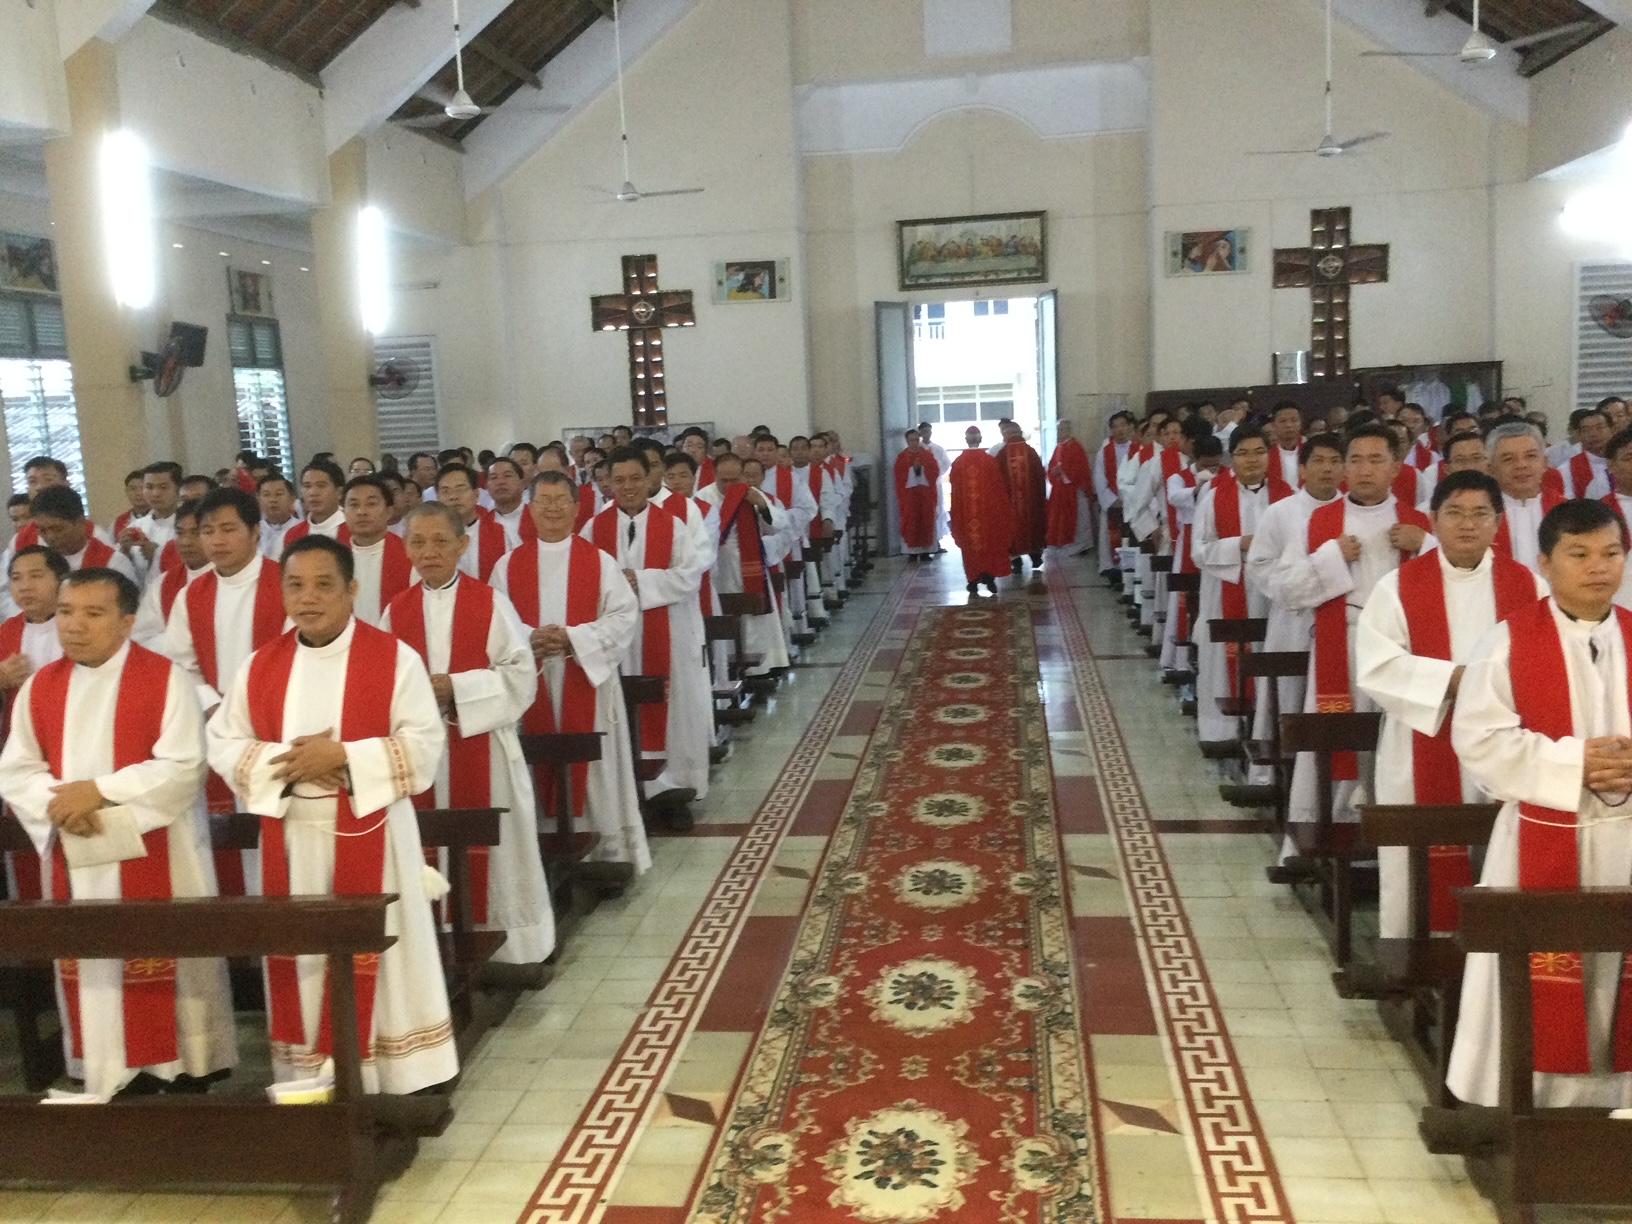 Tĩnh tâm Thường niên Linh mục Giáo phận Vĩnh Long, năm 2020